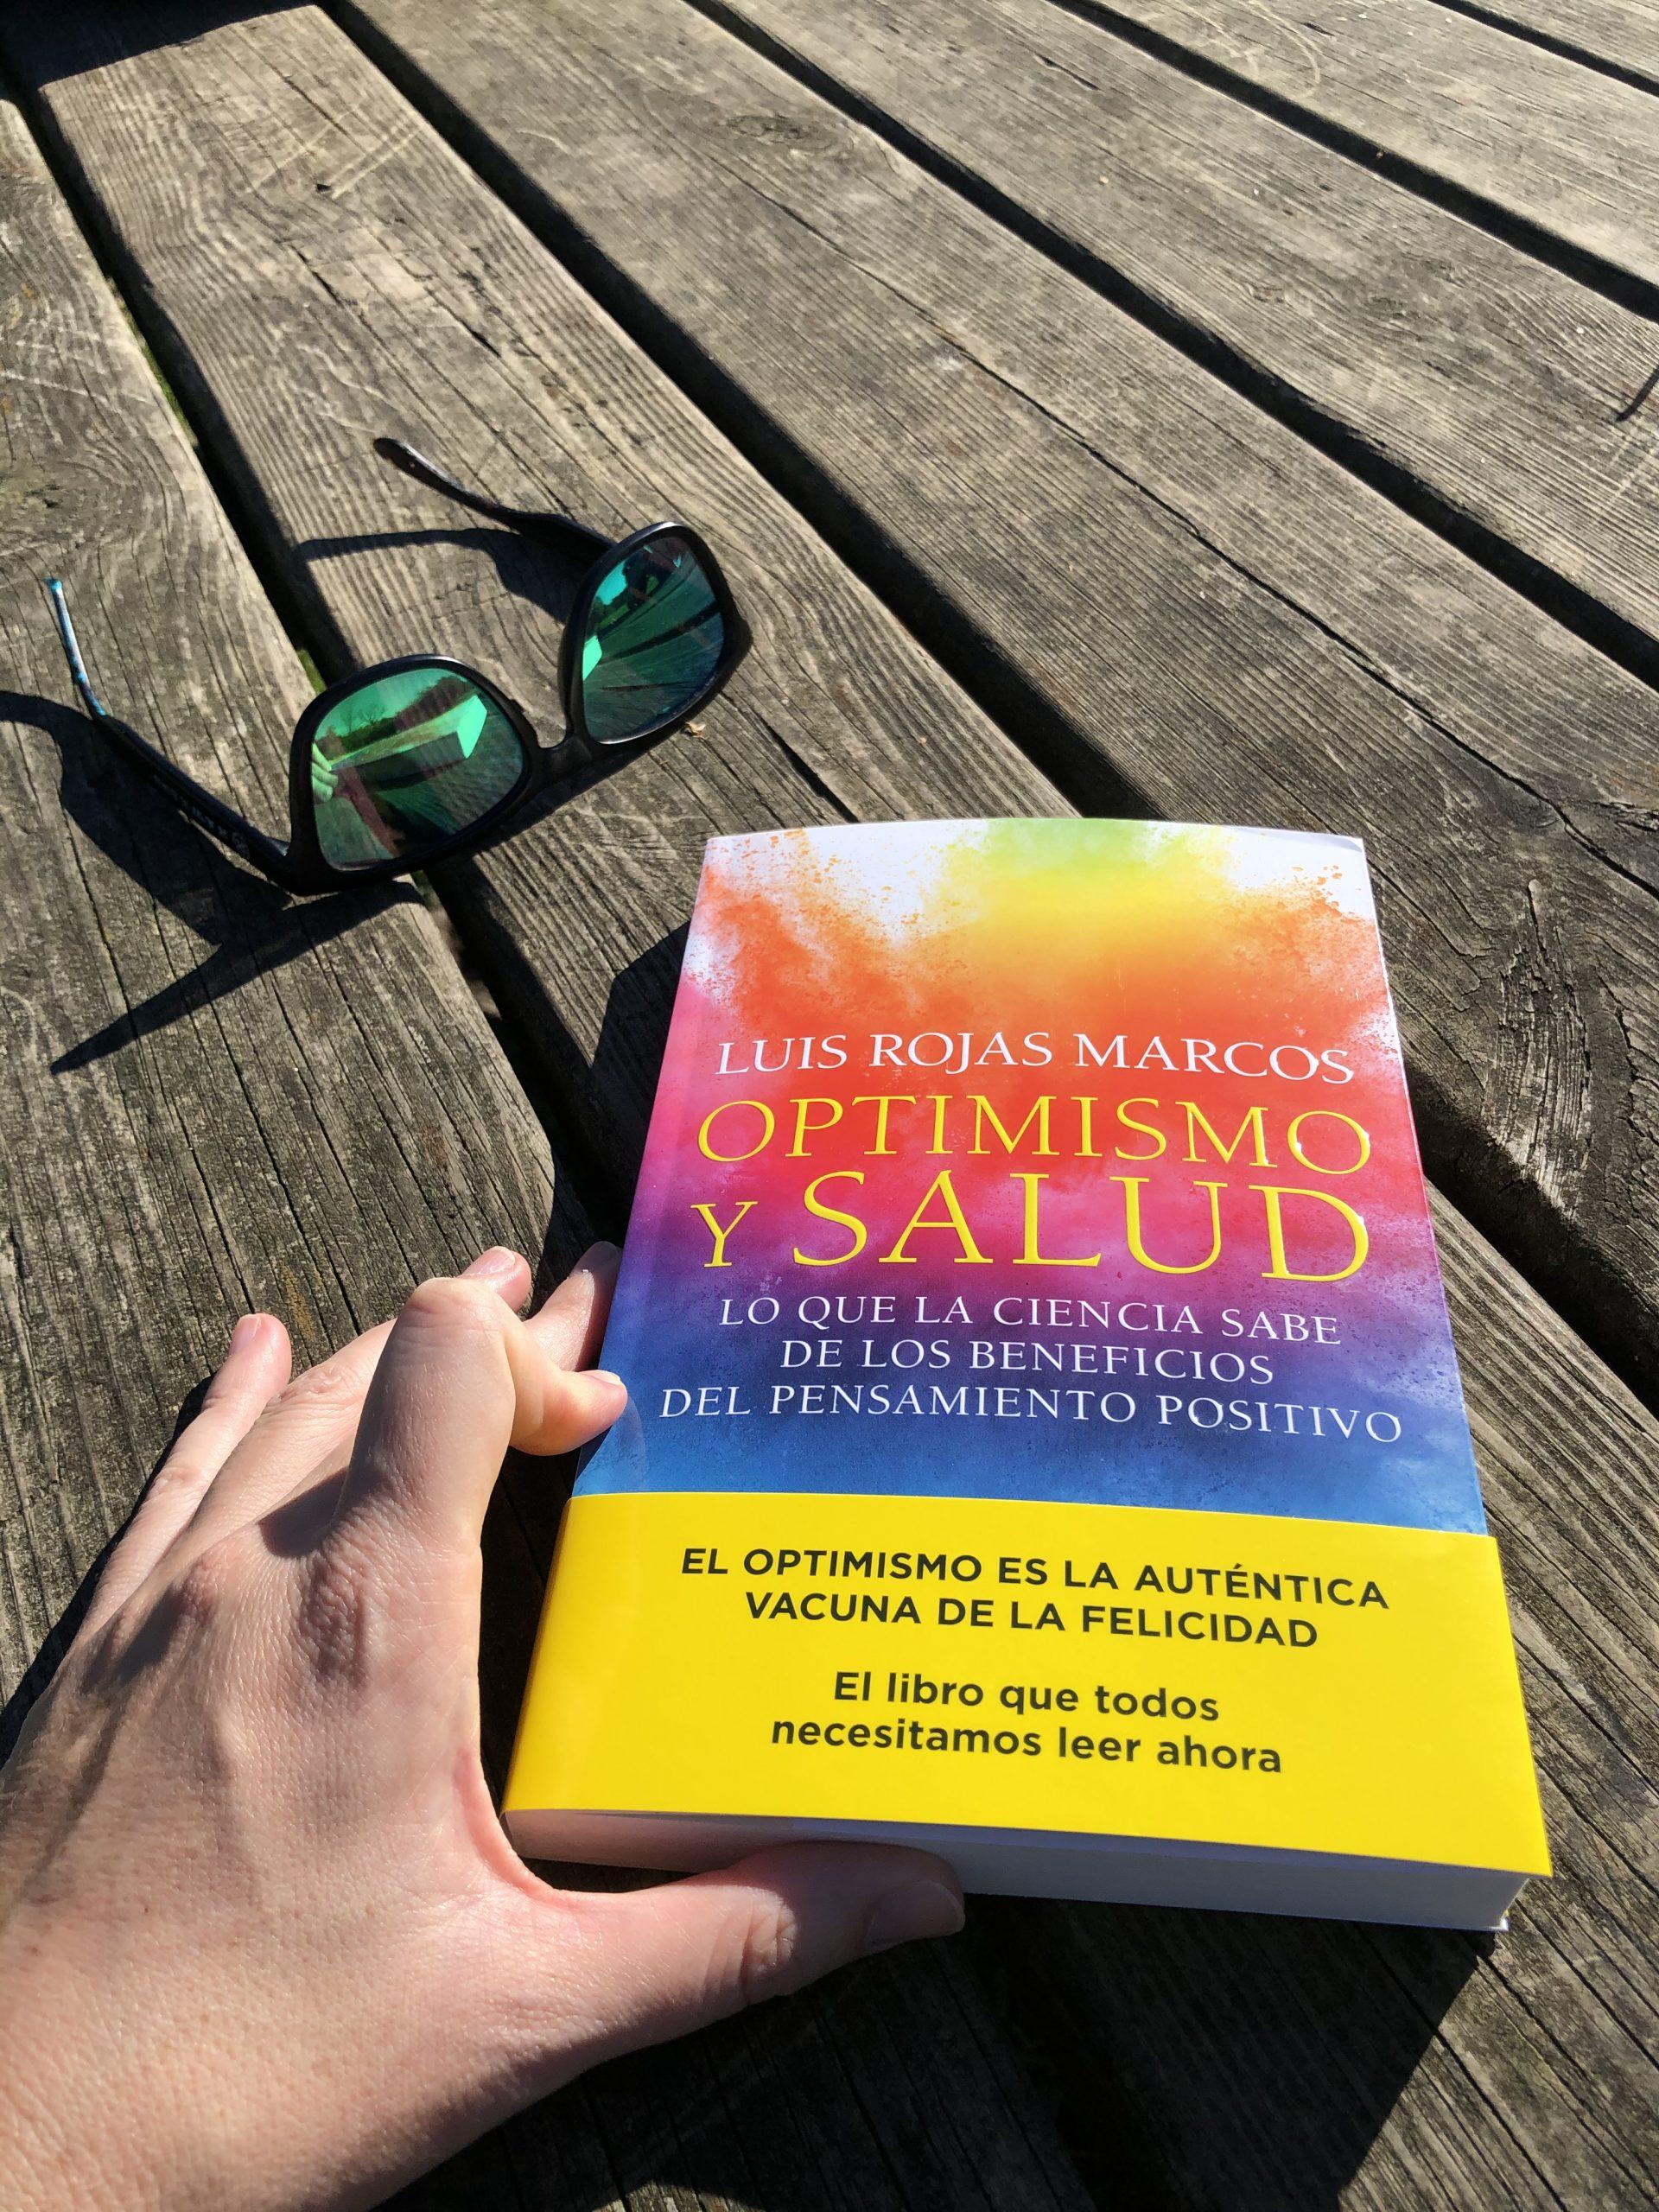 OPTIMISMO Y SALUD. Lo que la ciencia sabe de los beneficios del pensamiento positivo, de Luis Rojas Marcos.